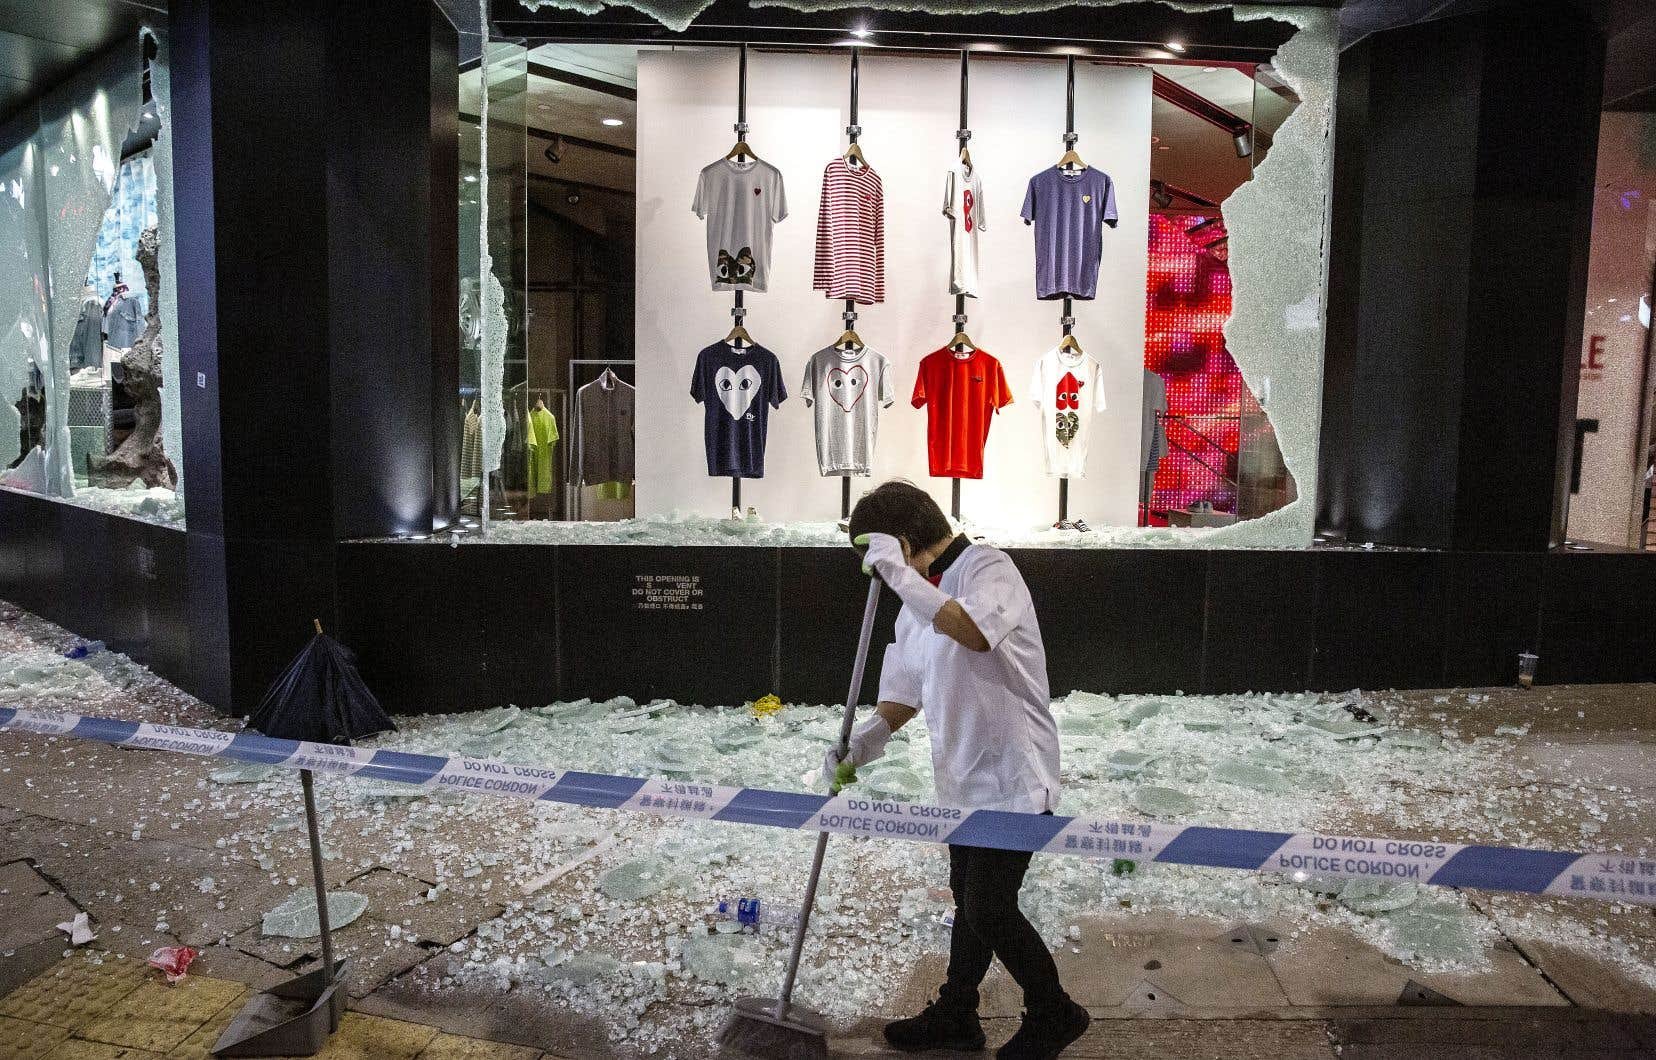 L'annonce du projet de loi de Pékin a provoqué une manifestation monstre à Hong Kong, dimanche.